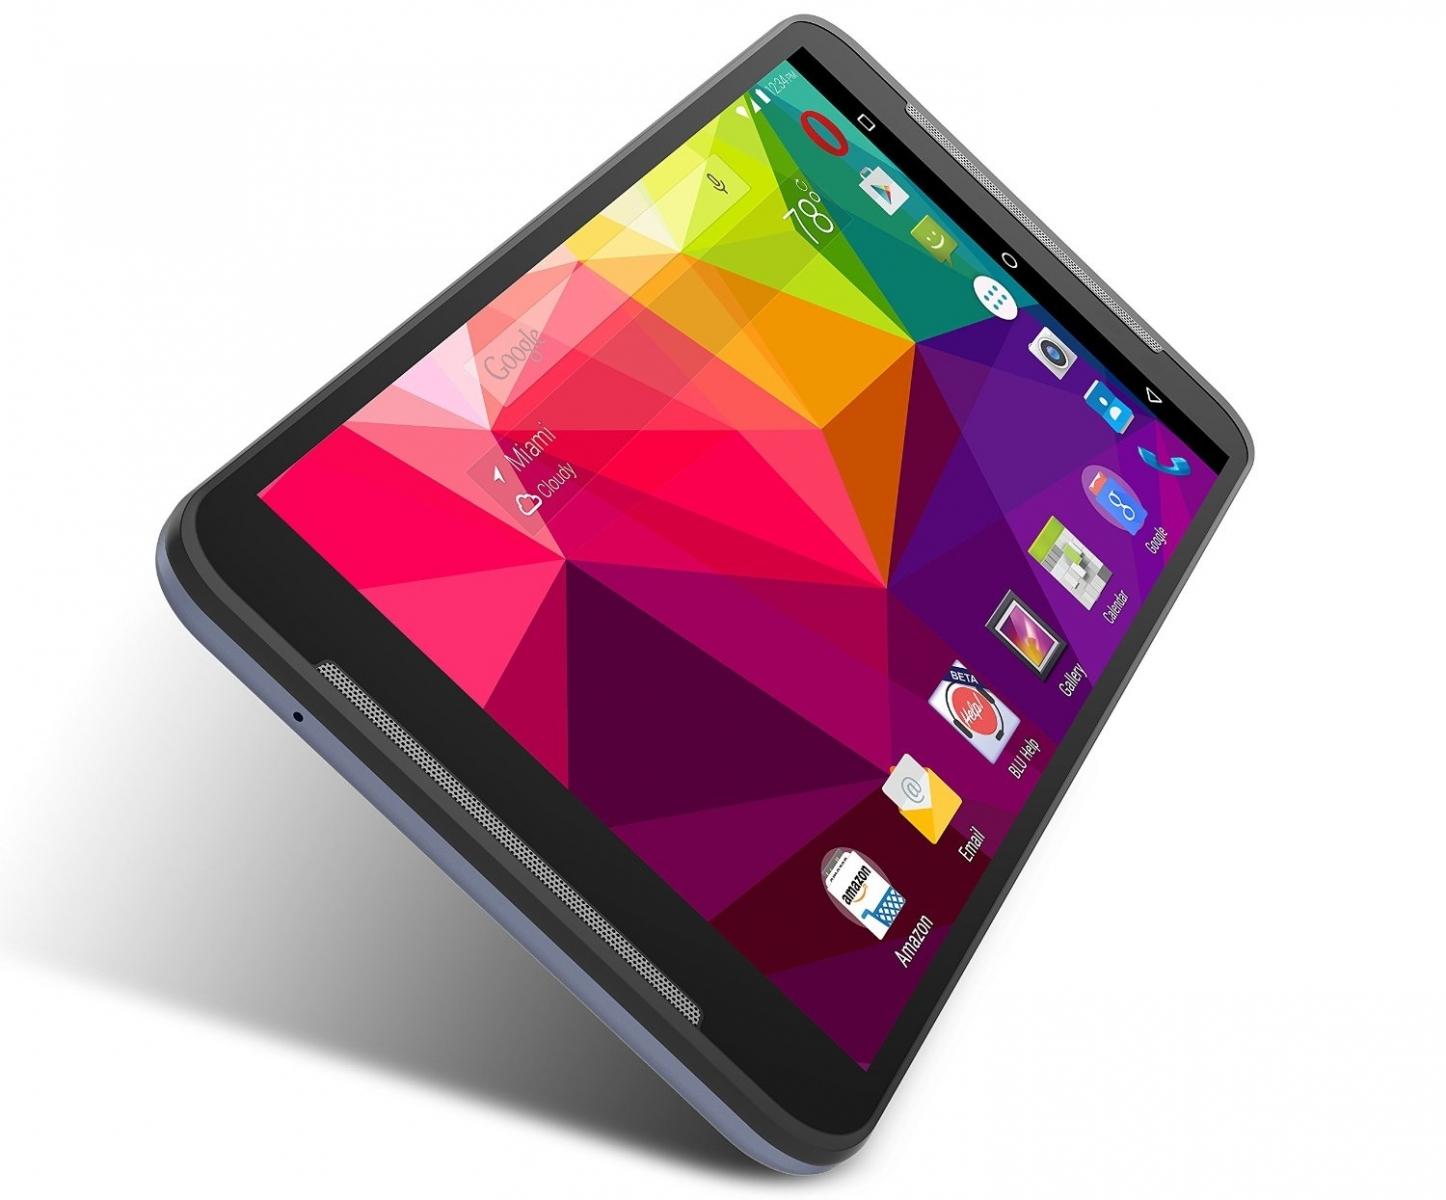 BLU lansează uriașul phablet Studio 7.0 LTE; device cu display de 7 inch și preț de 199 dolari